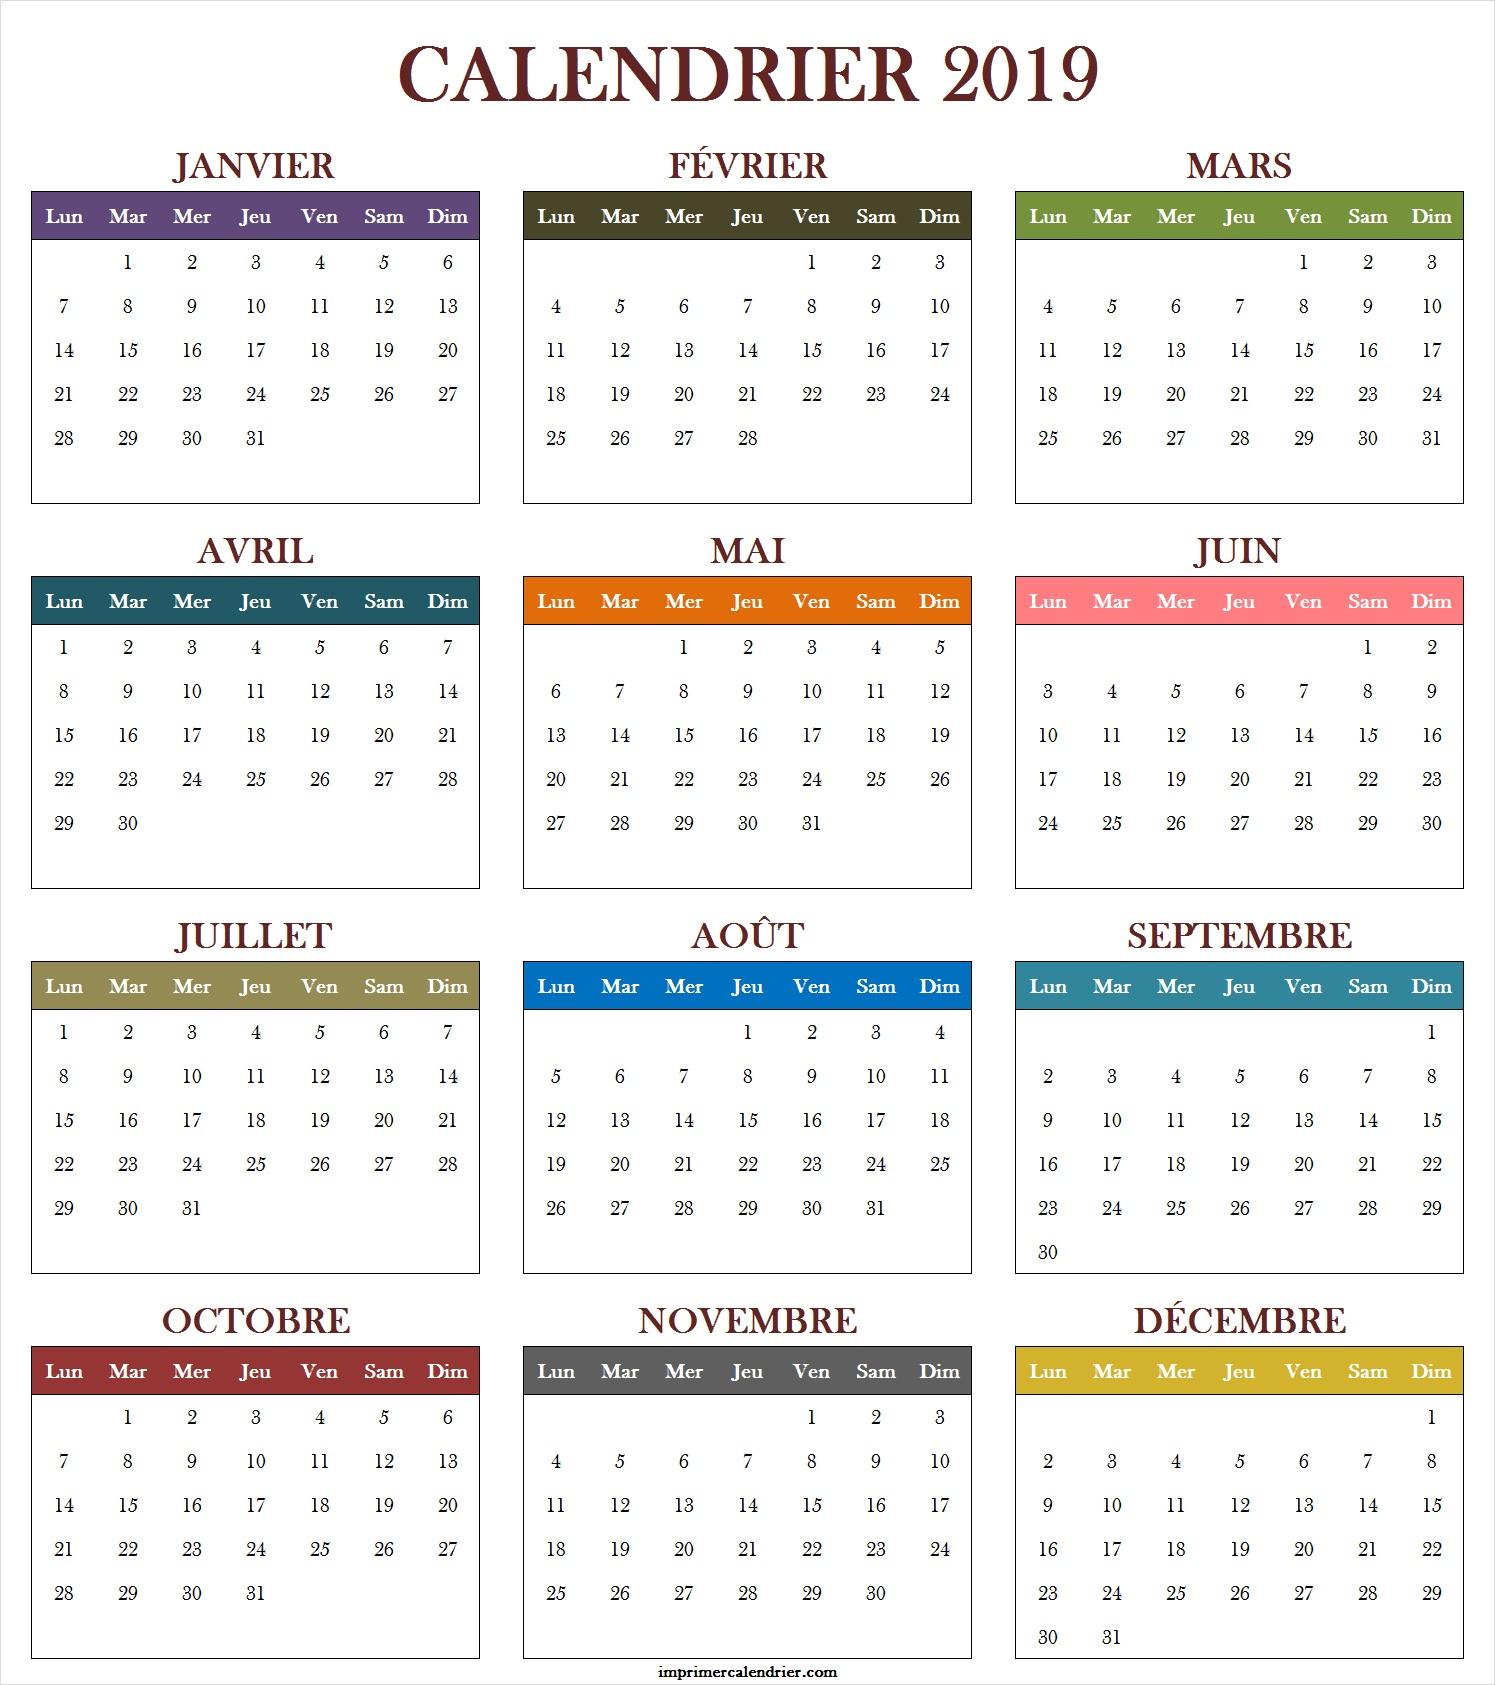 Calendrier 2019 À Imprimer Gratuit | Calendrier Pour Imprimer à Calendrier Annuel 2019 À Imprimer Gratuit